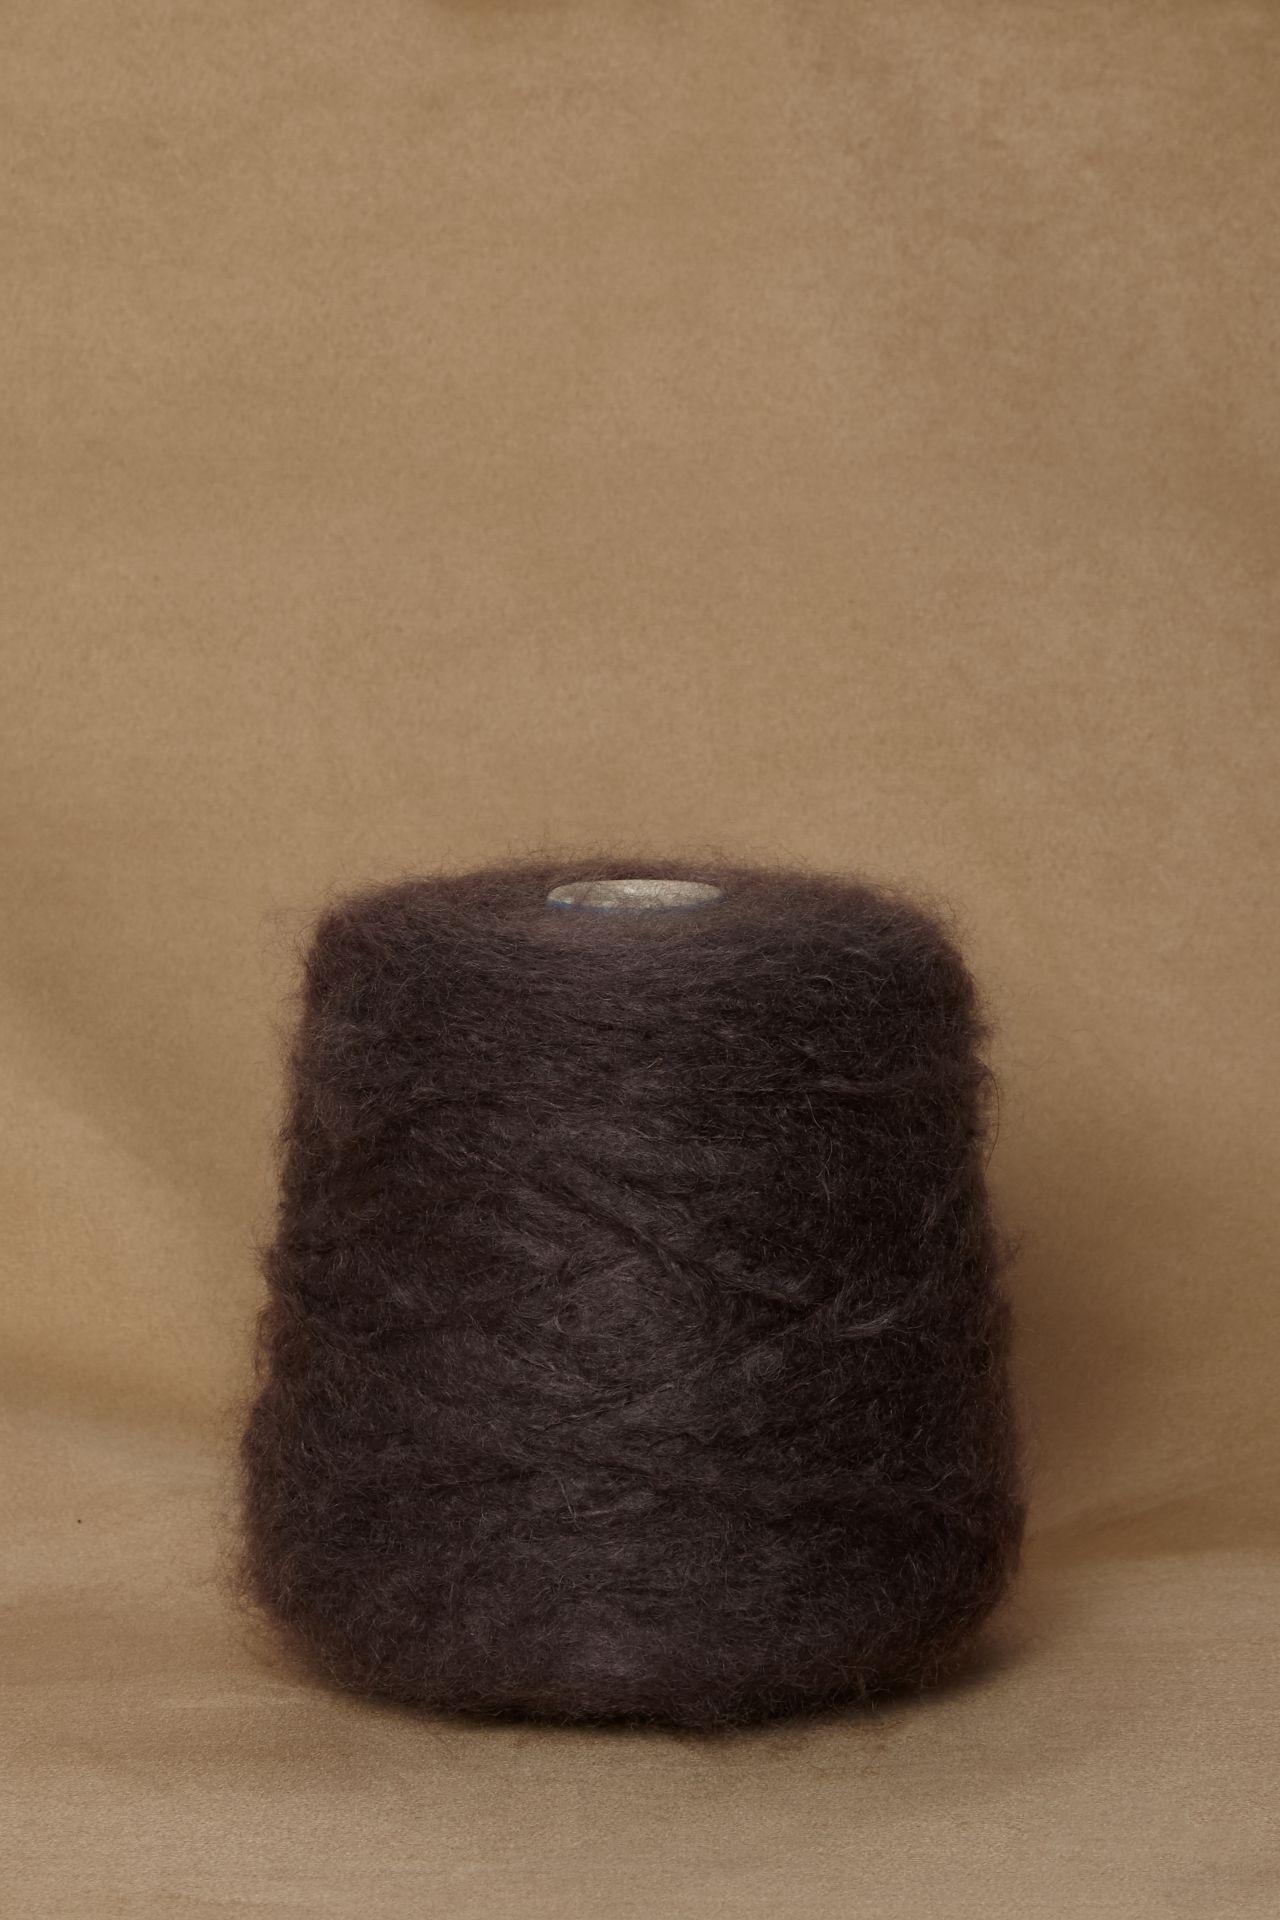 Mohair taupe yarn packshot.